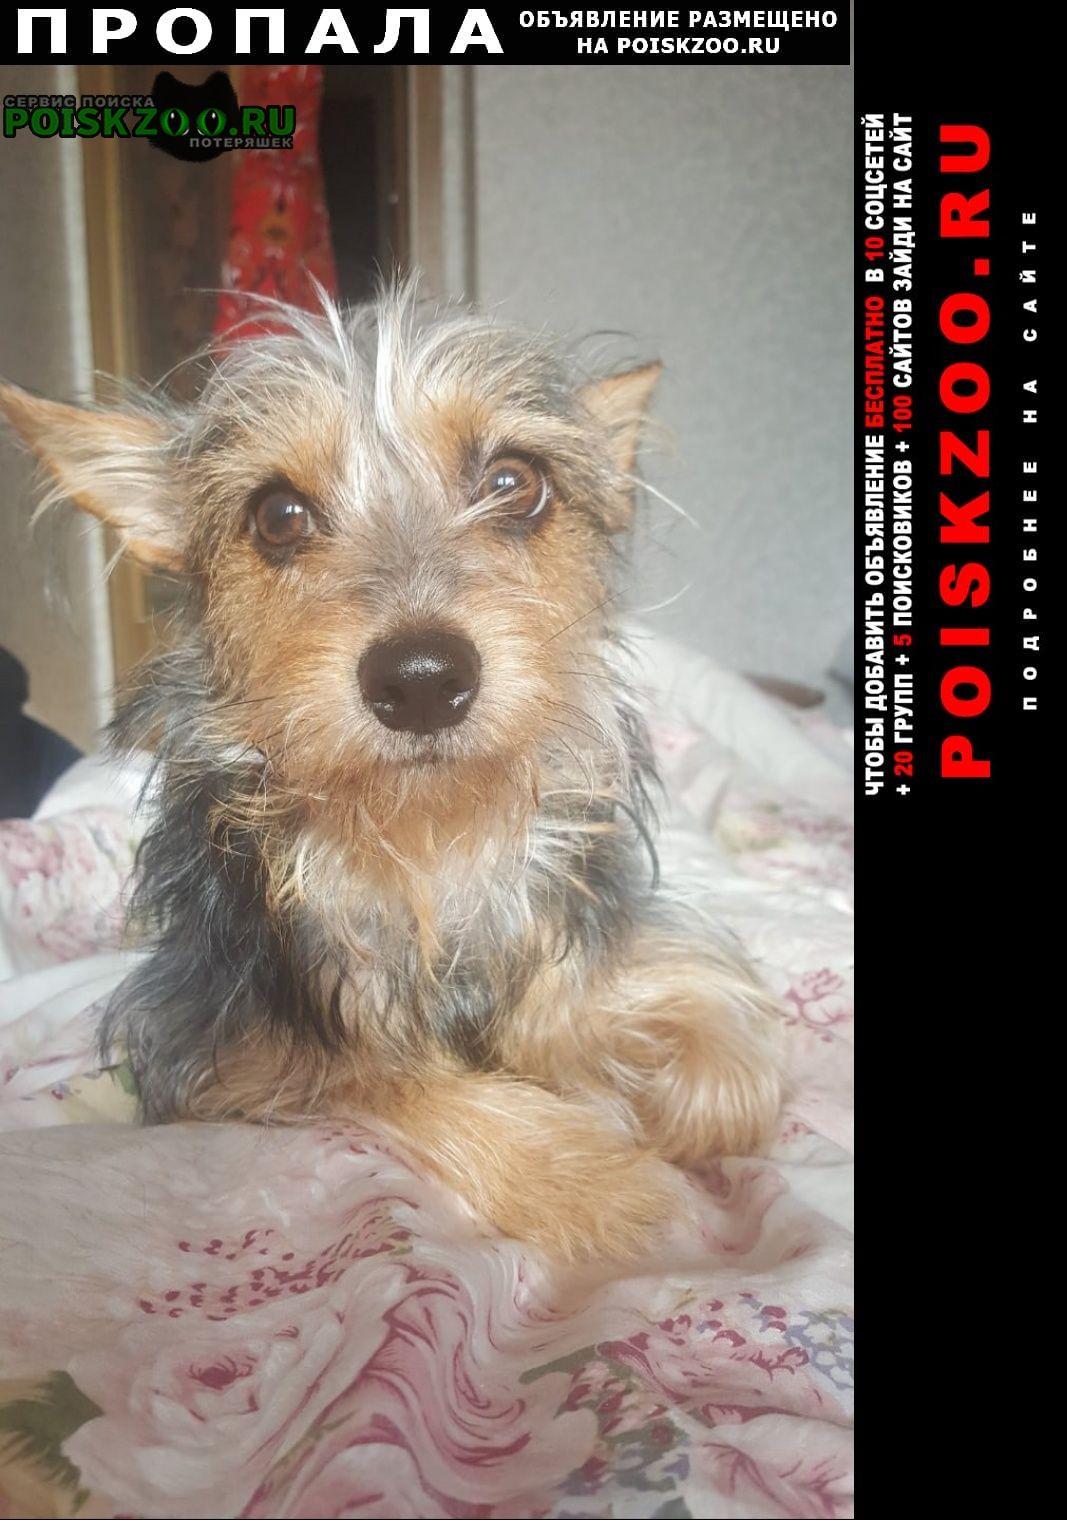 Пропала собака йоркширский терьер, не чистокровный г.Москва